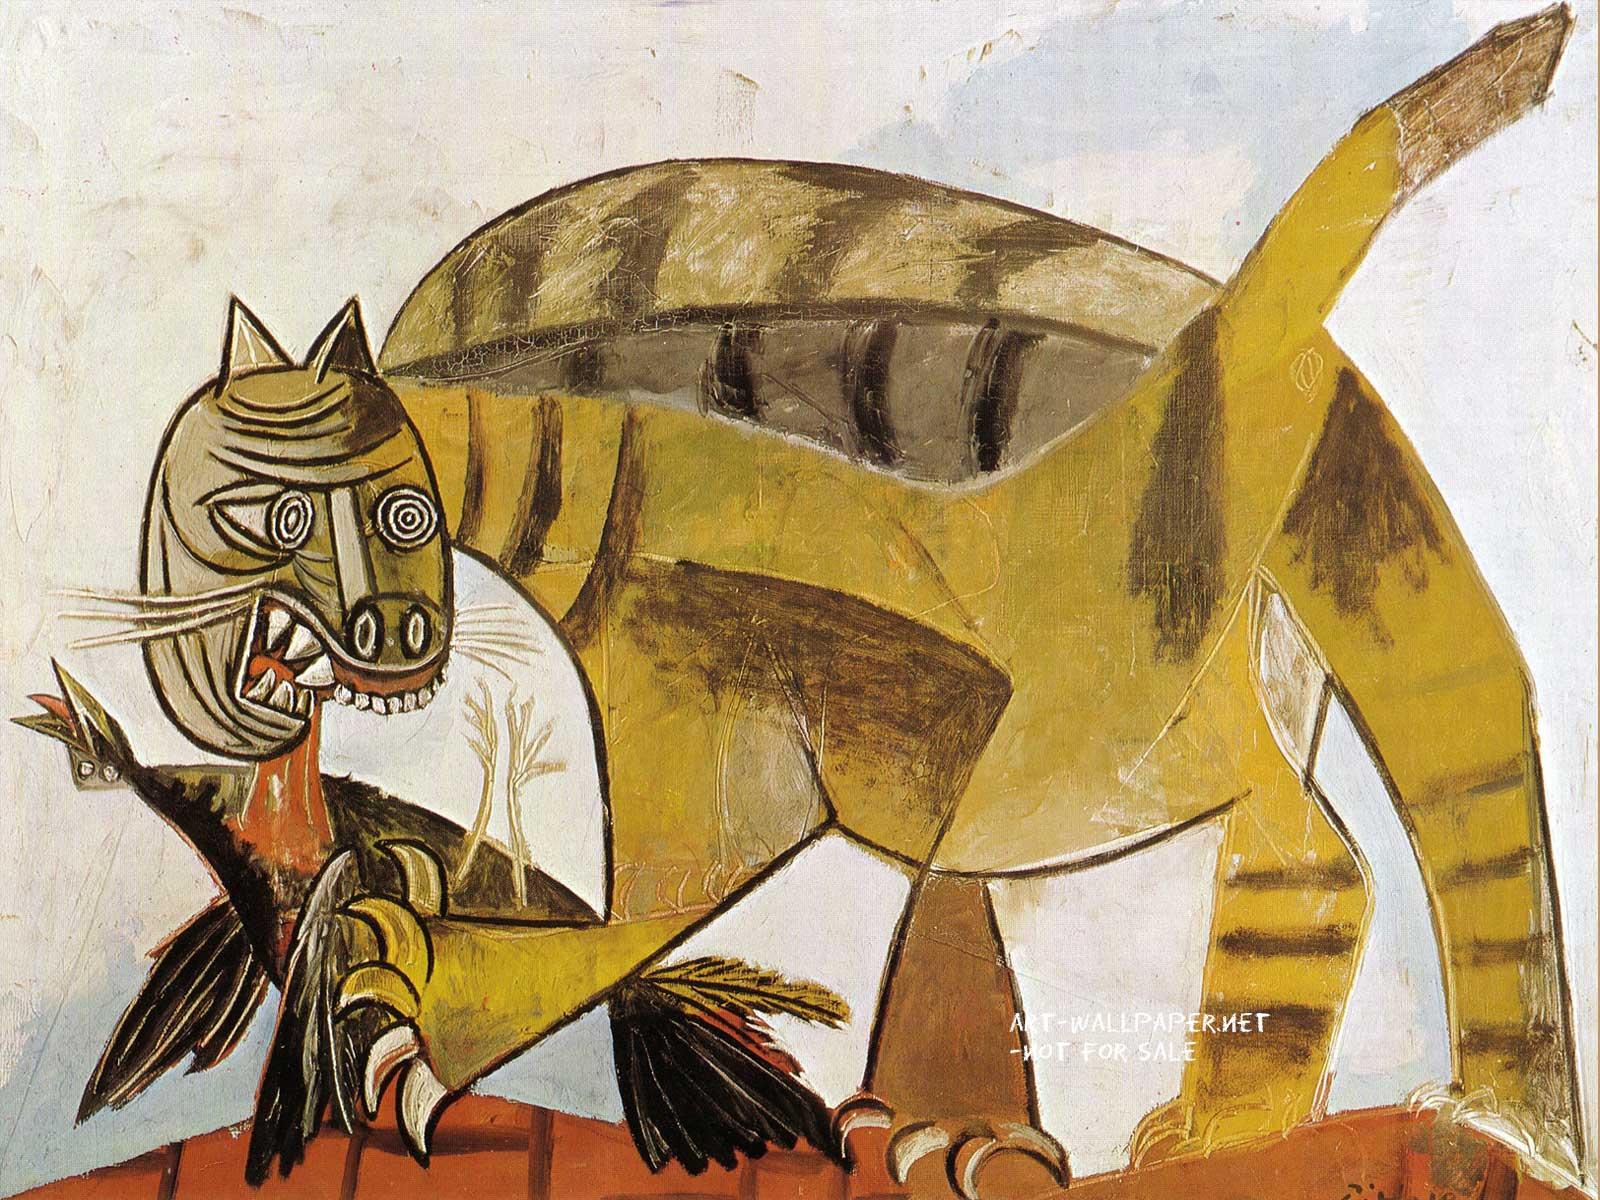 パブロ・ピカソの画像 p1_38